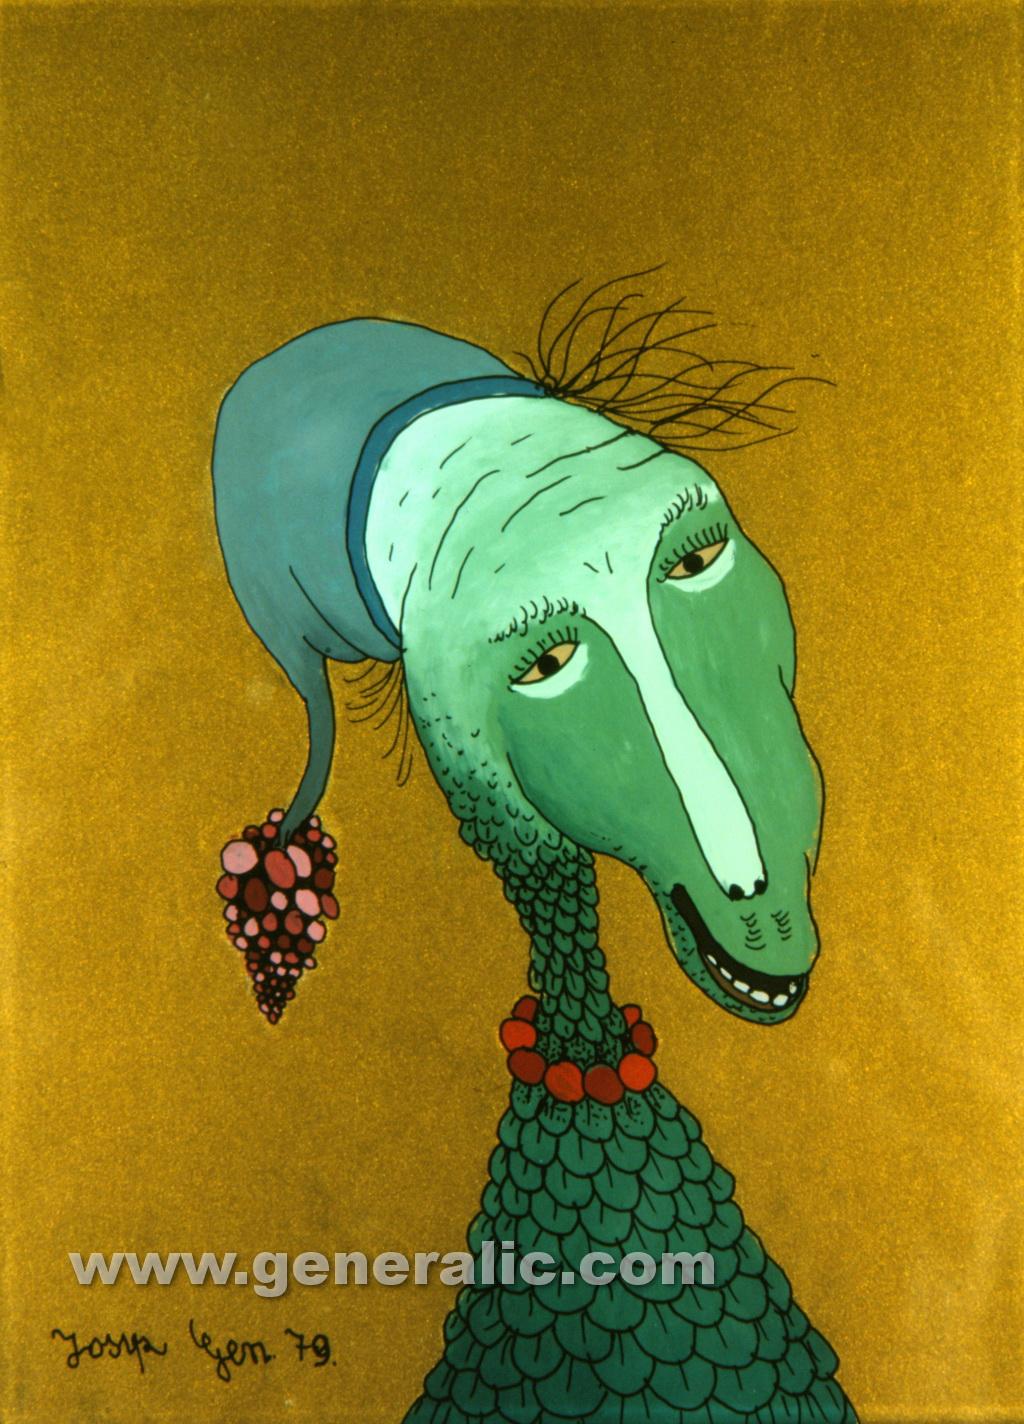 Josip Generalic, 1979, Green head, oil on glass